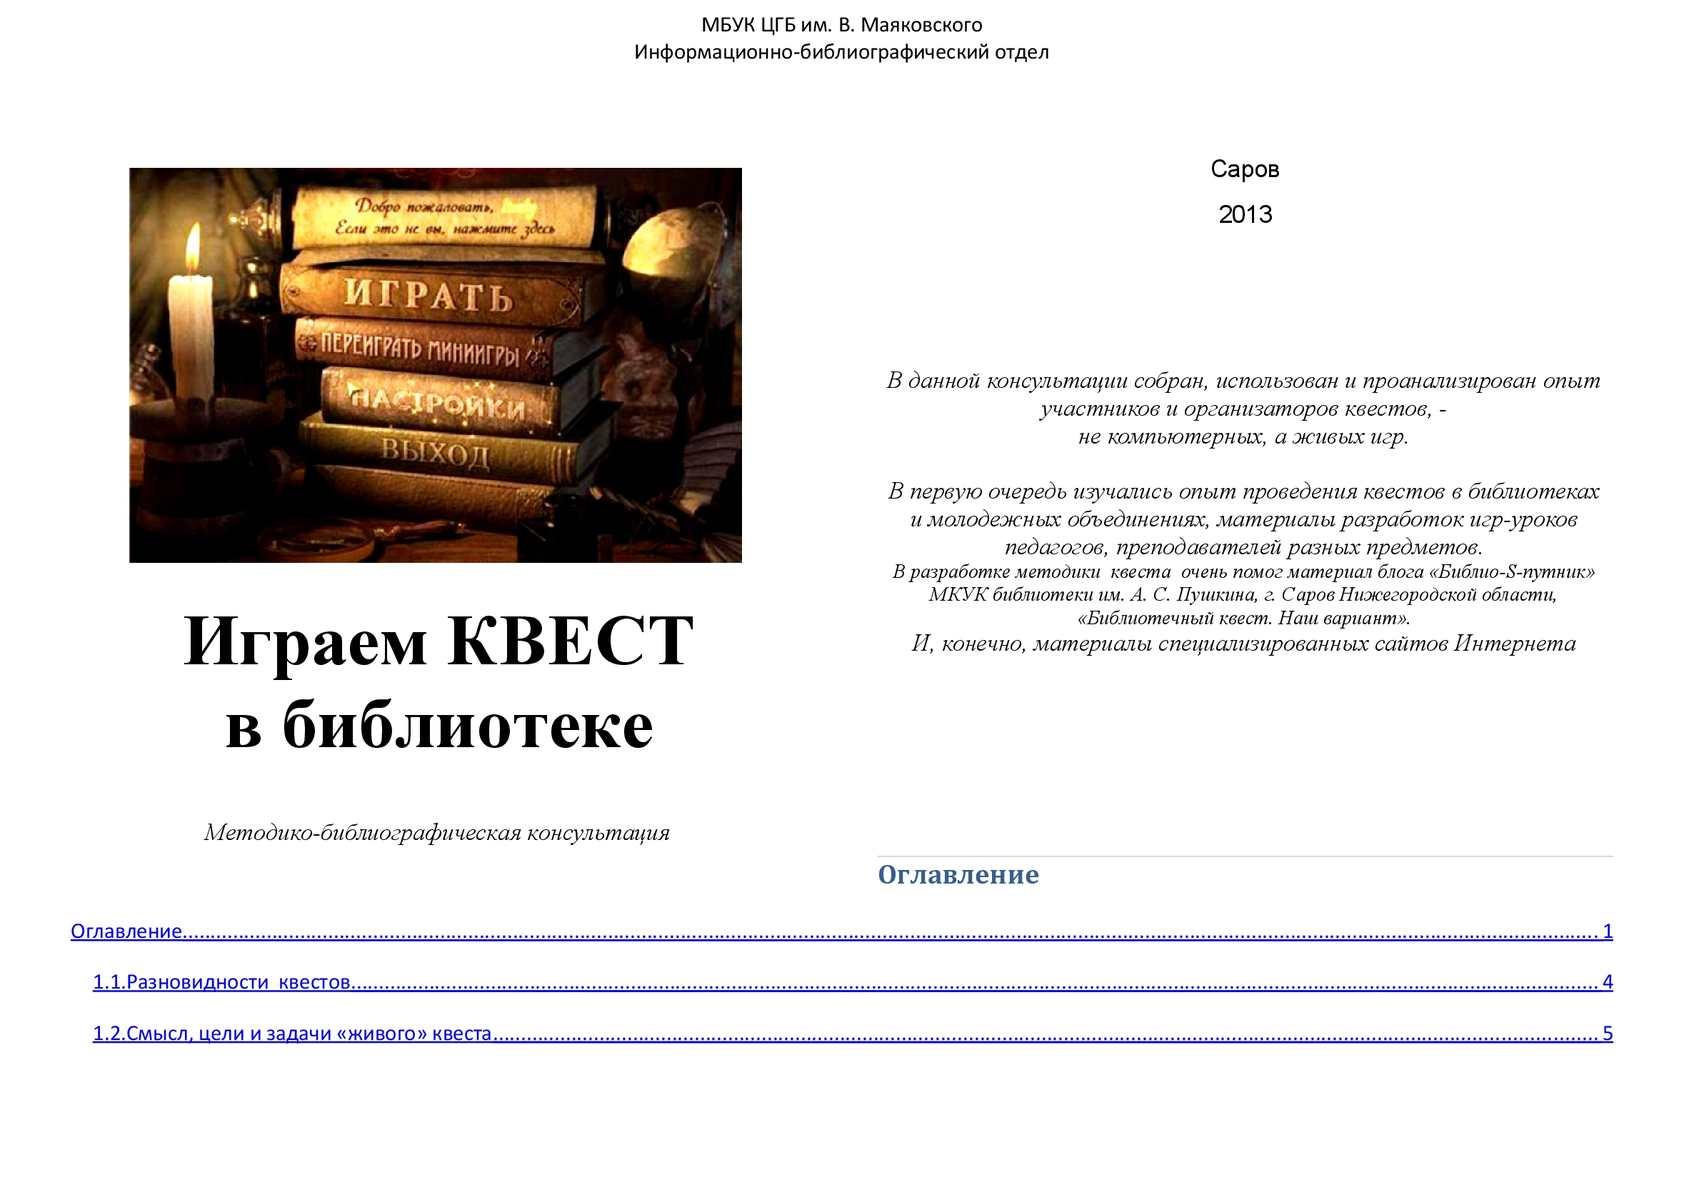 Сценарии литературных квестов в библиотеке